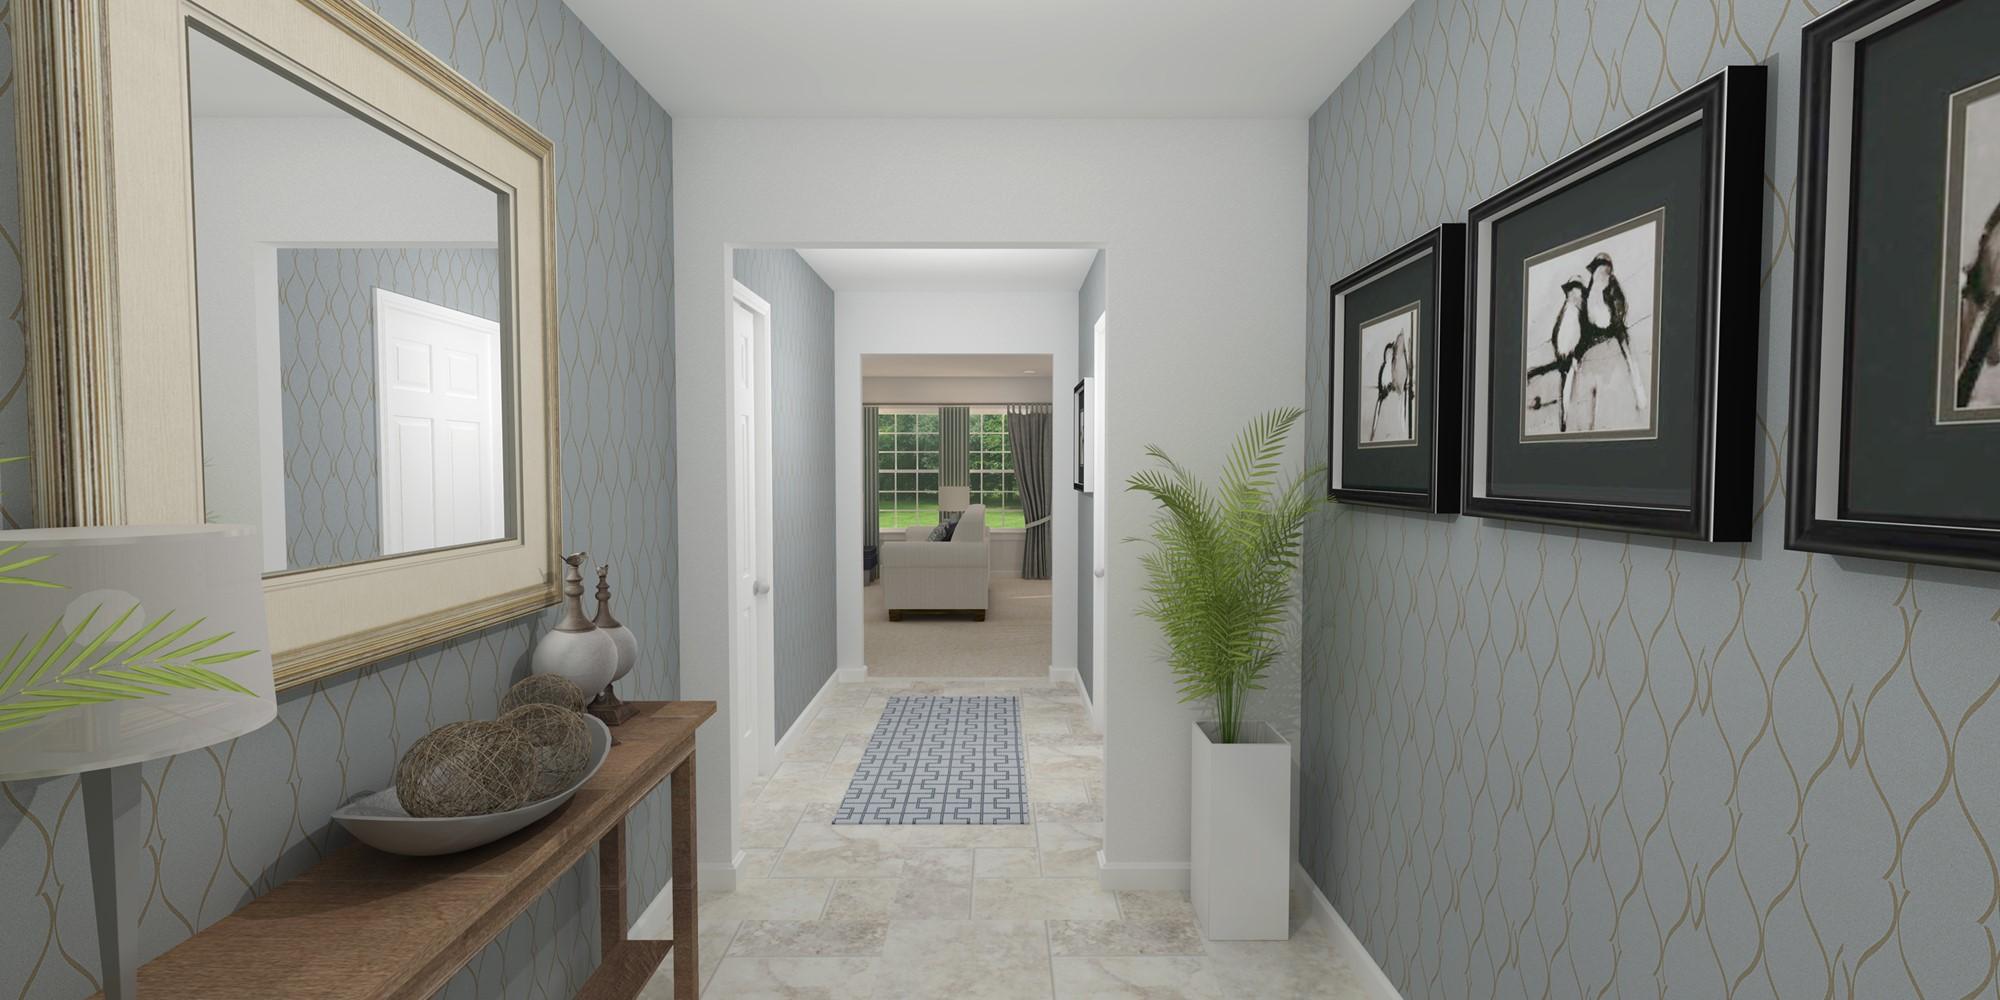 Best K Hovnanian Home Design Gallery Images - Design Ideas for ...